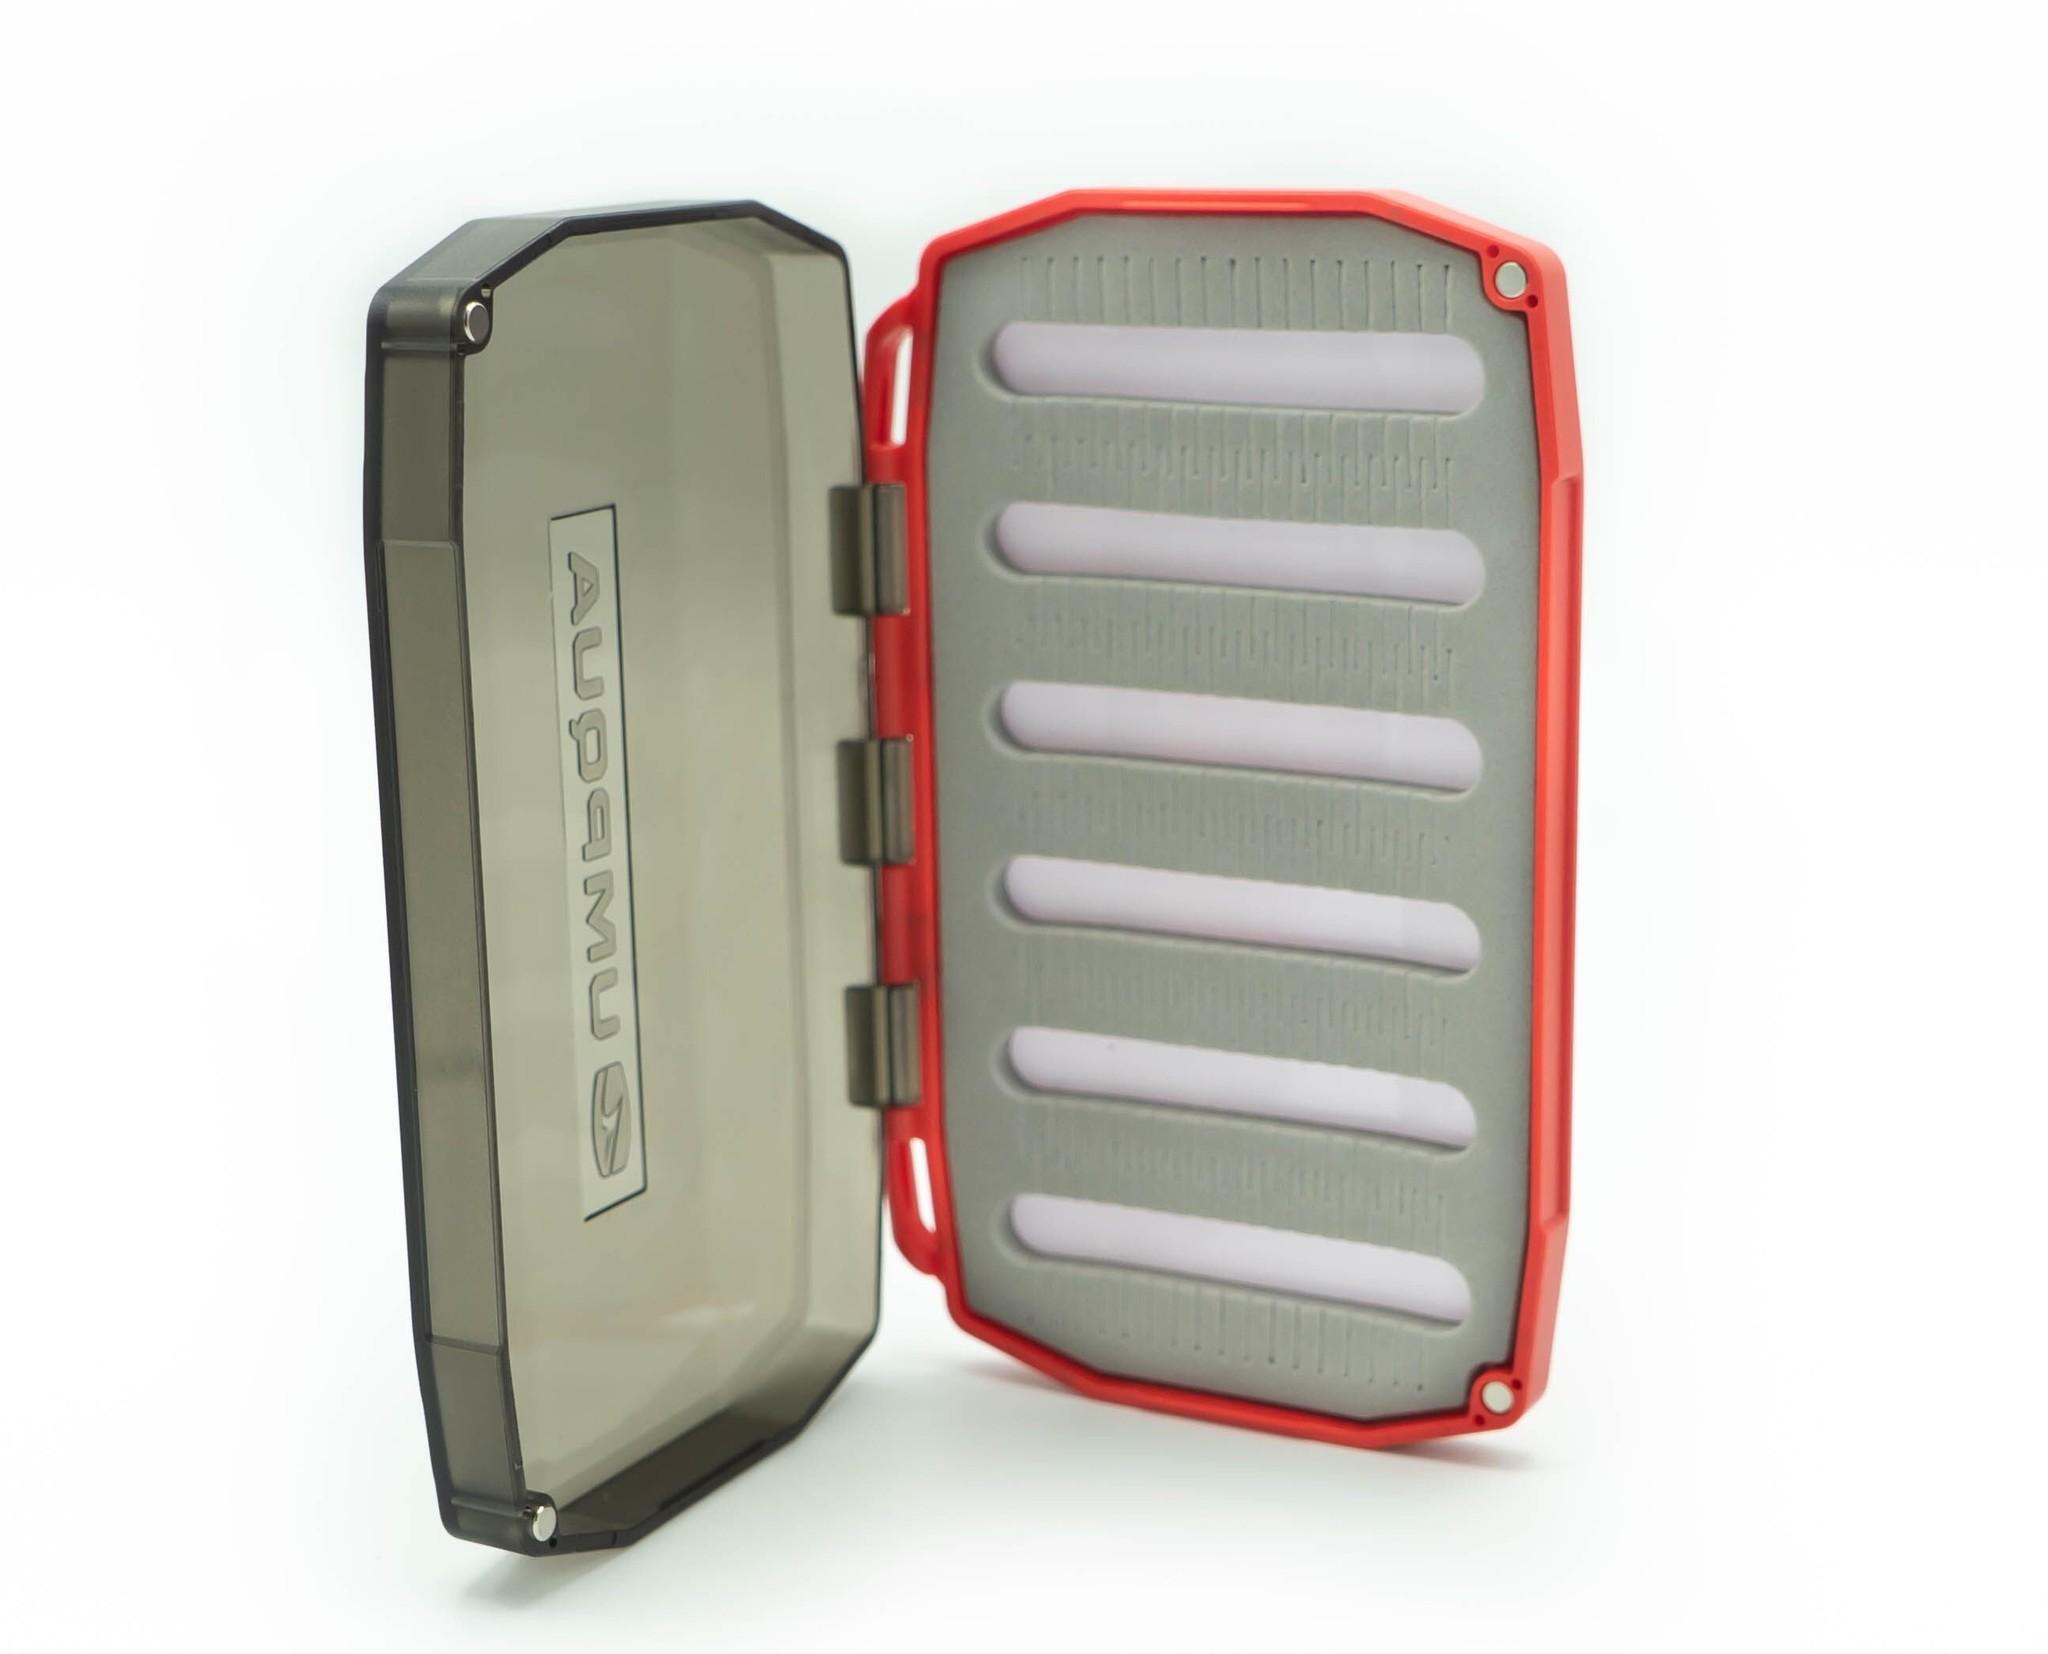 UMPQUA Umpqua UPG LT Mini High Standard Foam box - Red